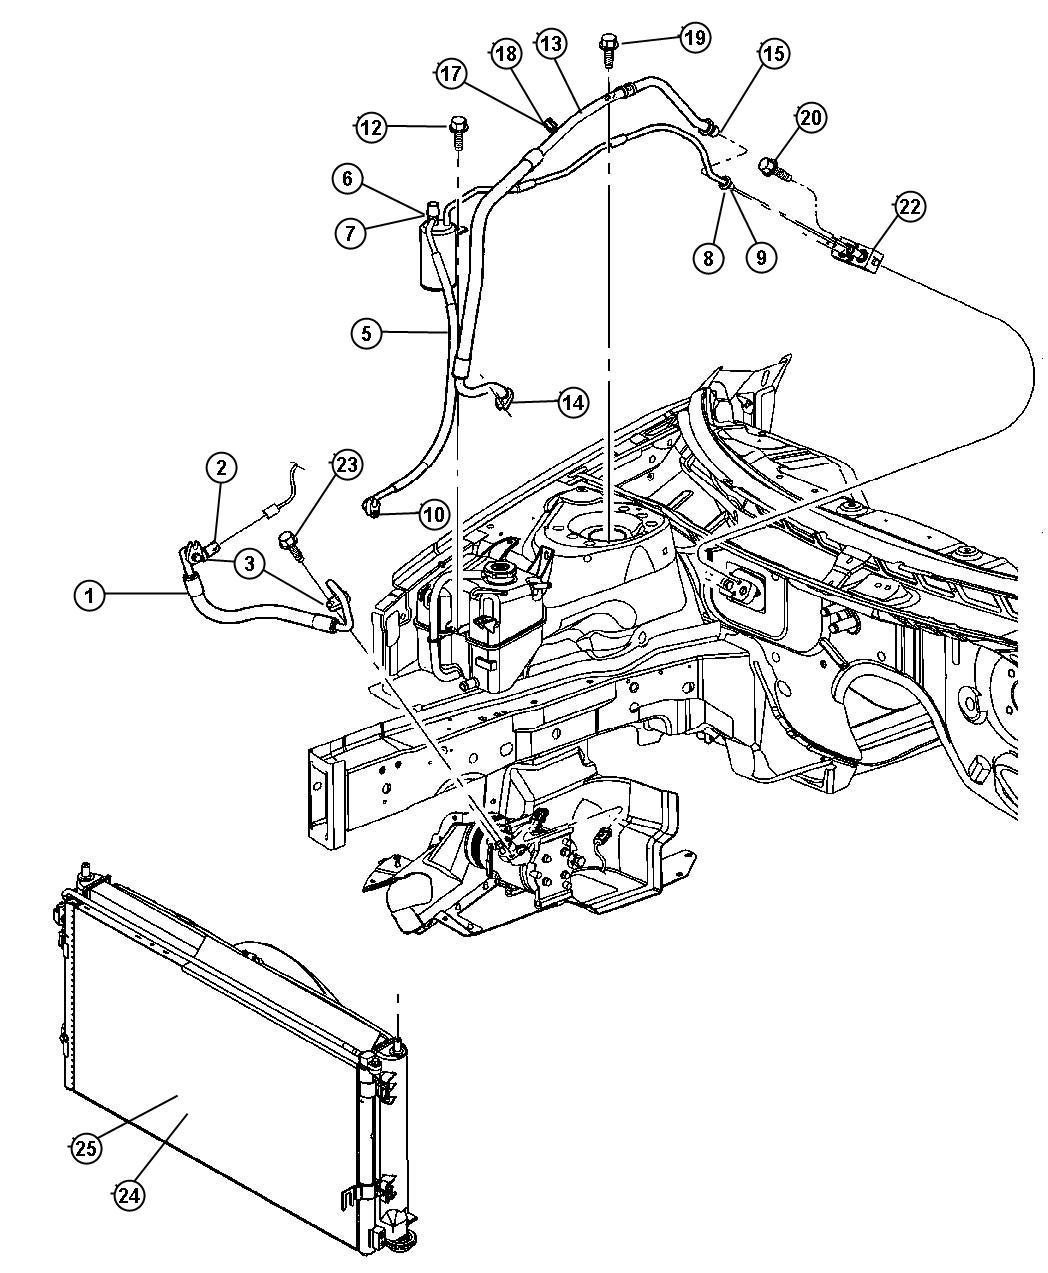 2001 chrysler sebring ac diagram